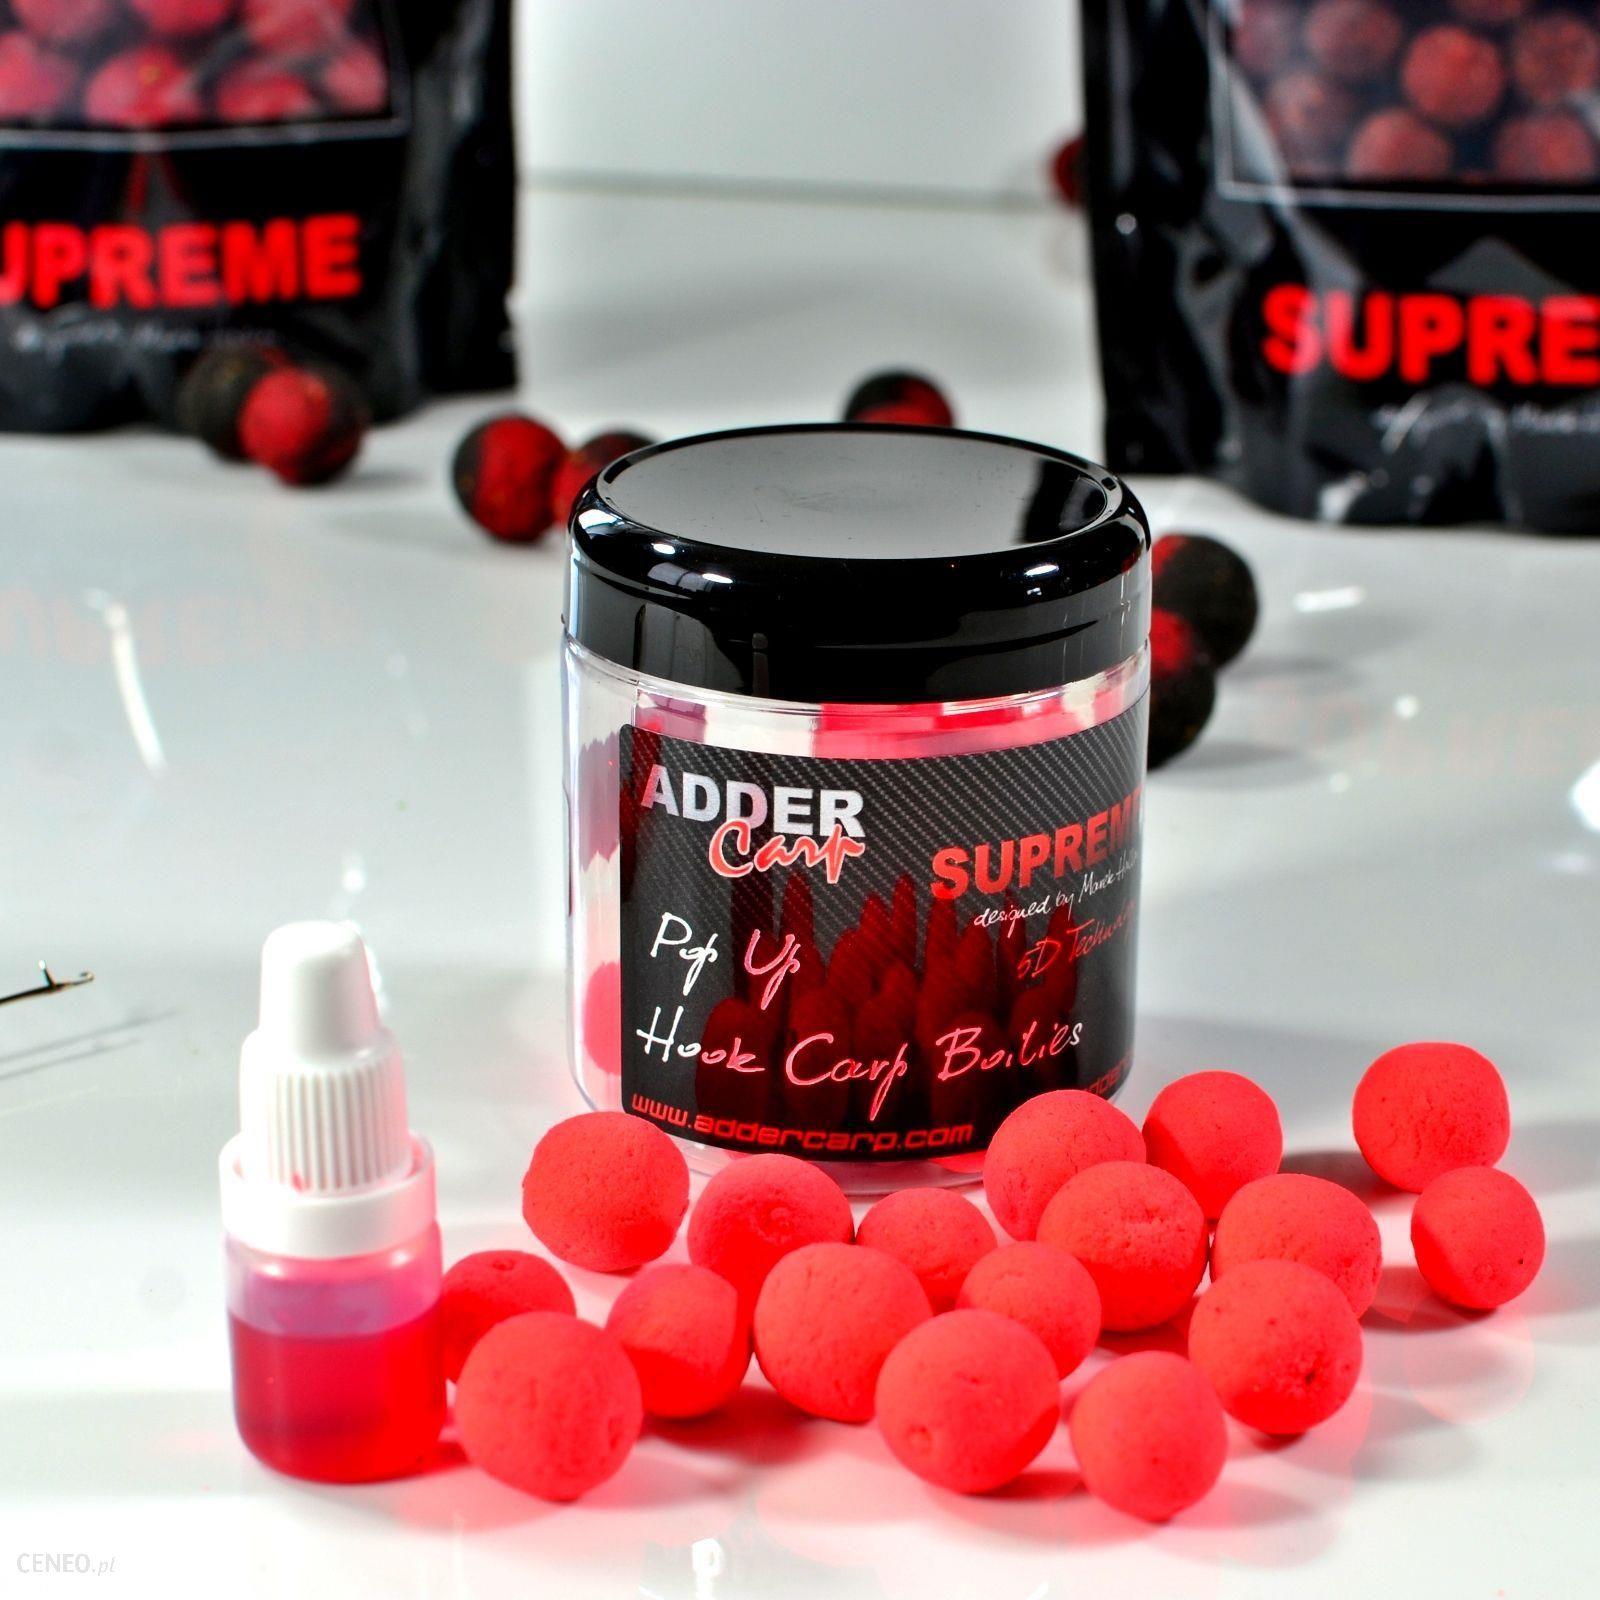 Ac Pop-Up Supreme Squidos Adder Carp